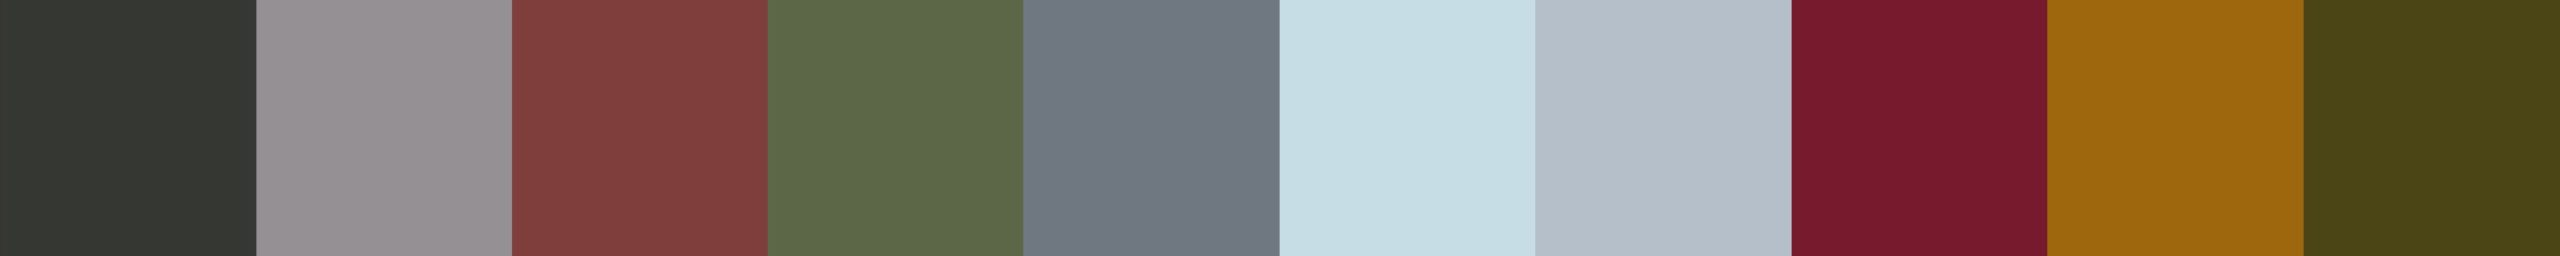 702 Larivela Color Palette